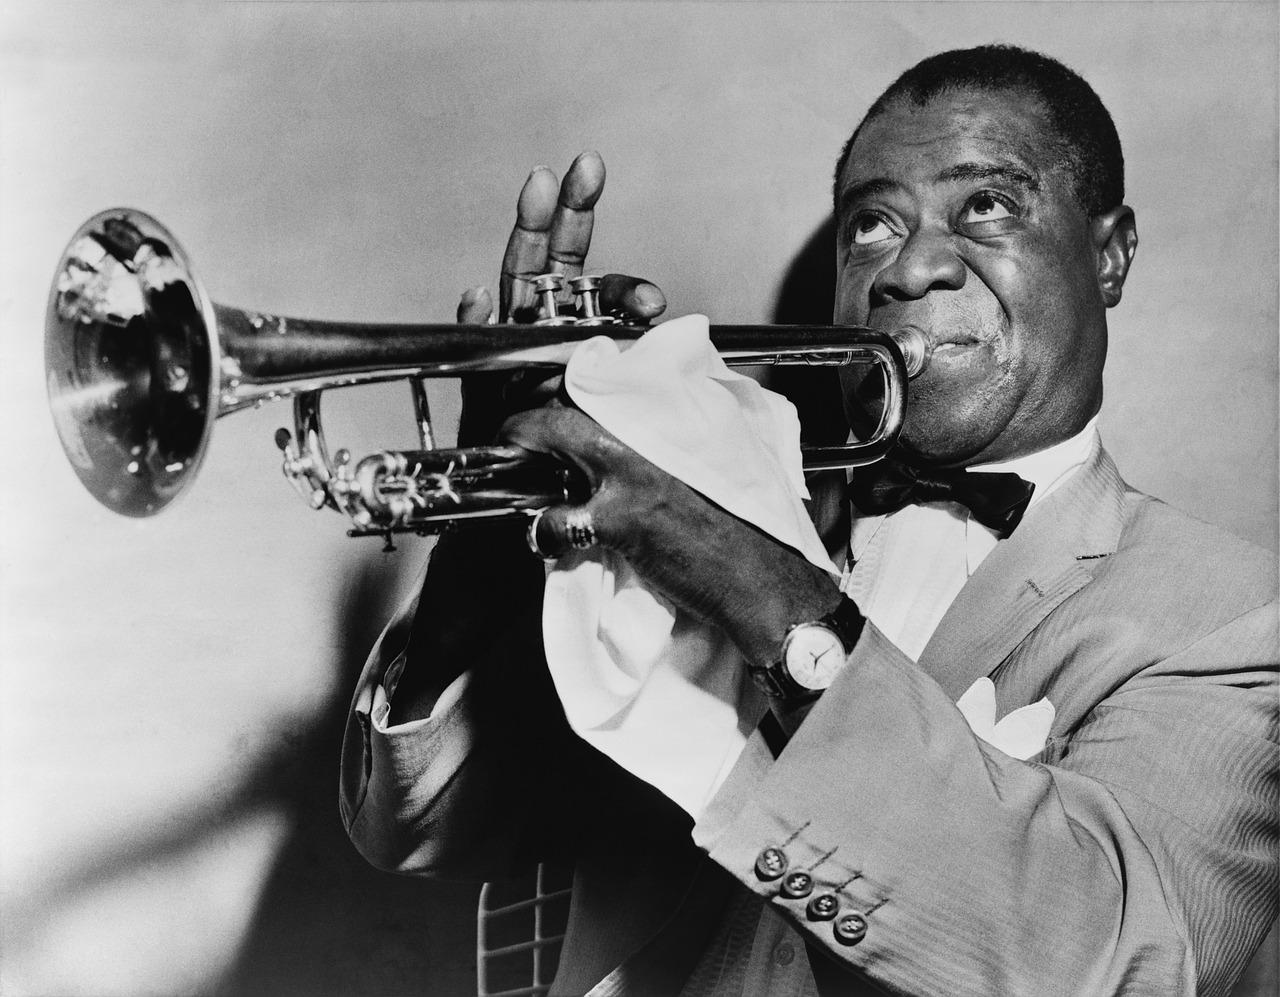 La musique Jazz : histoire du Jazz & caractéristiques